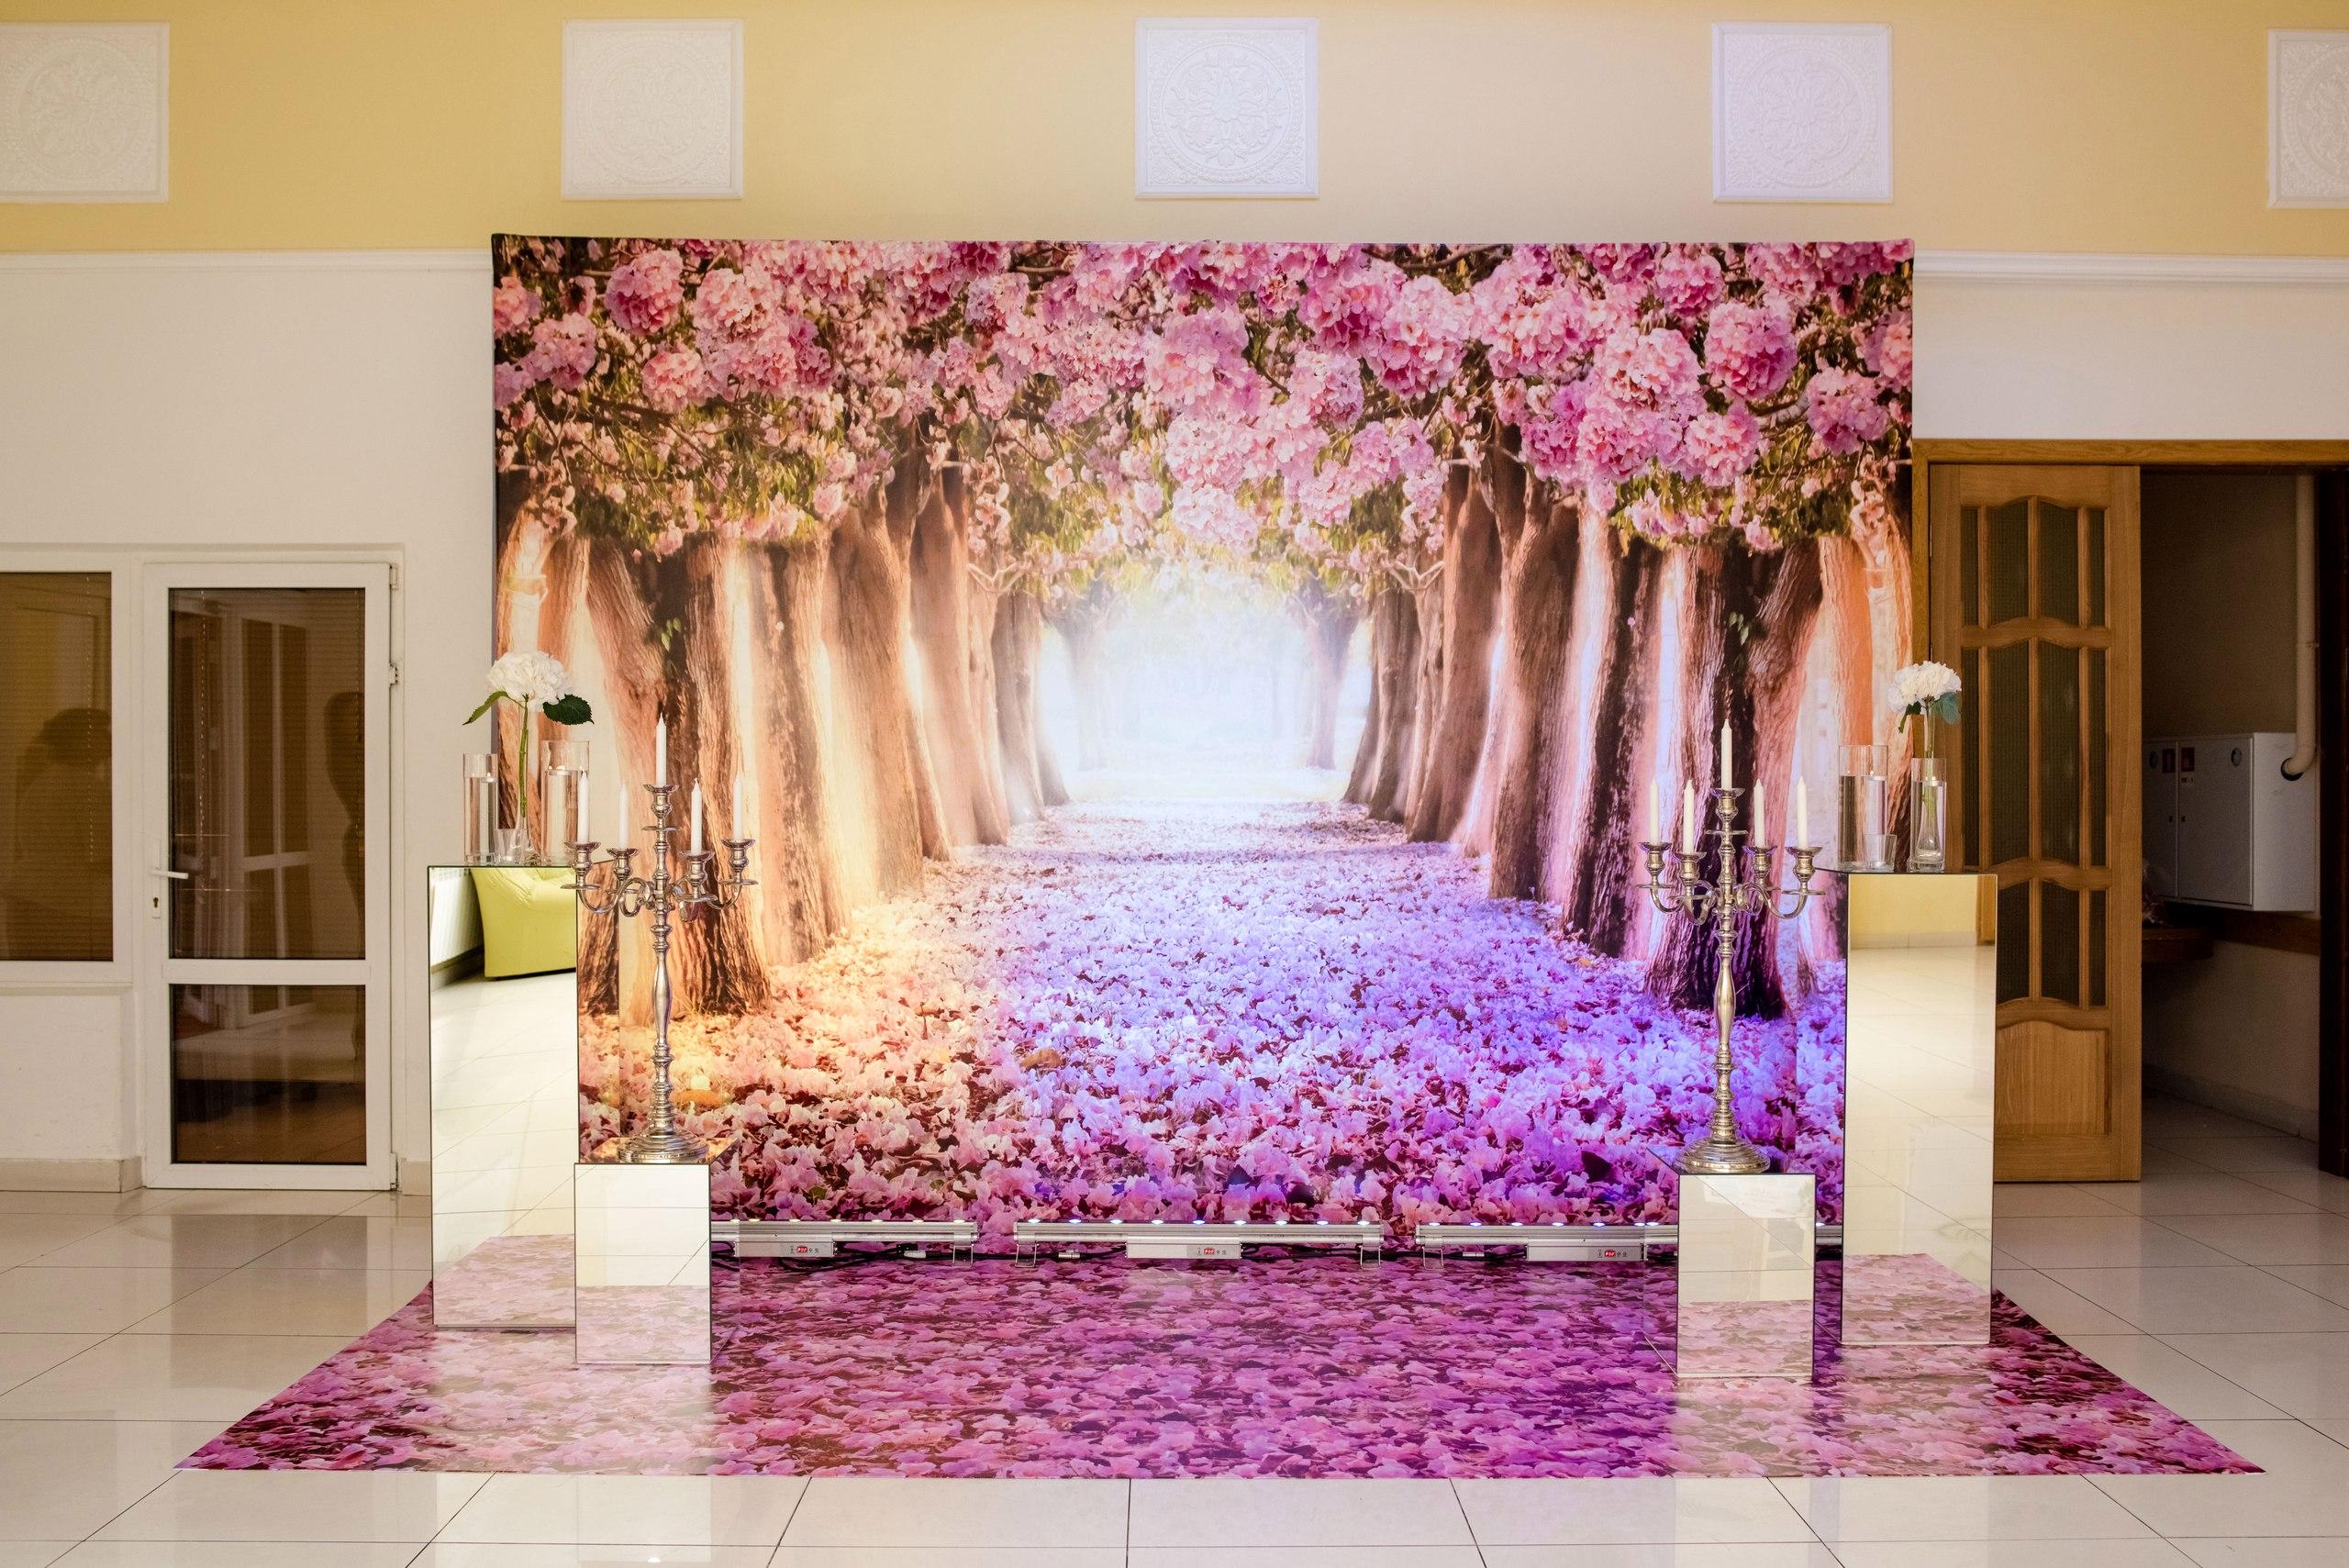 фото баннер для квартиры цветы отлично готовит